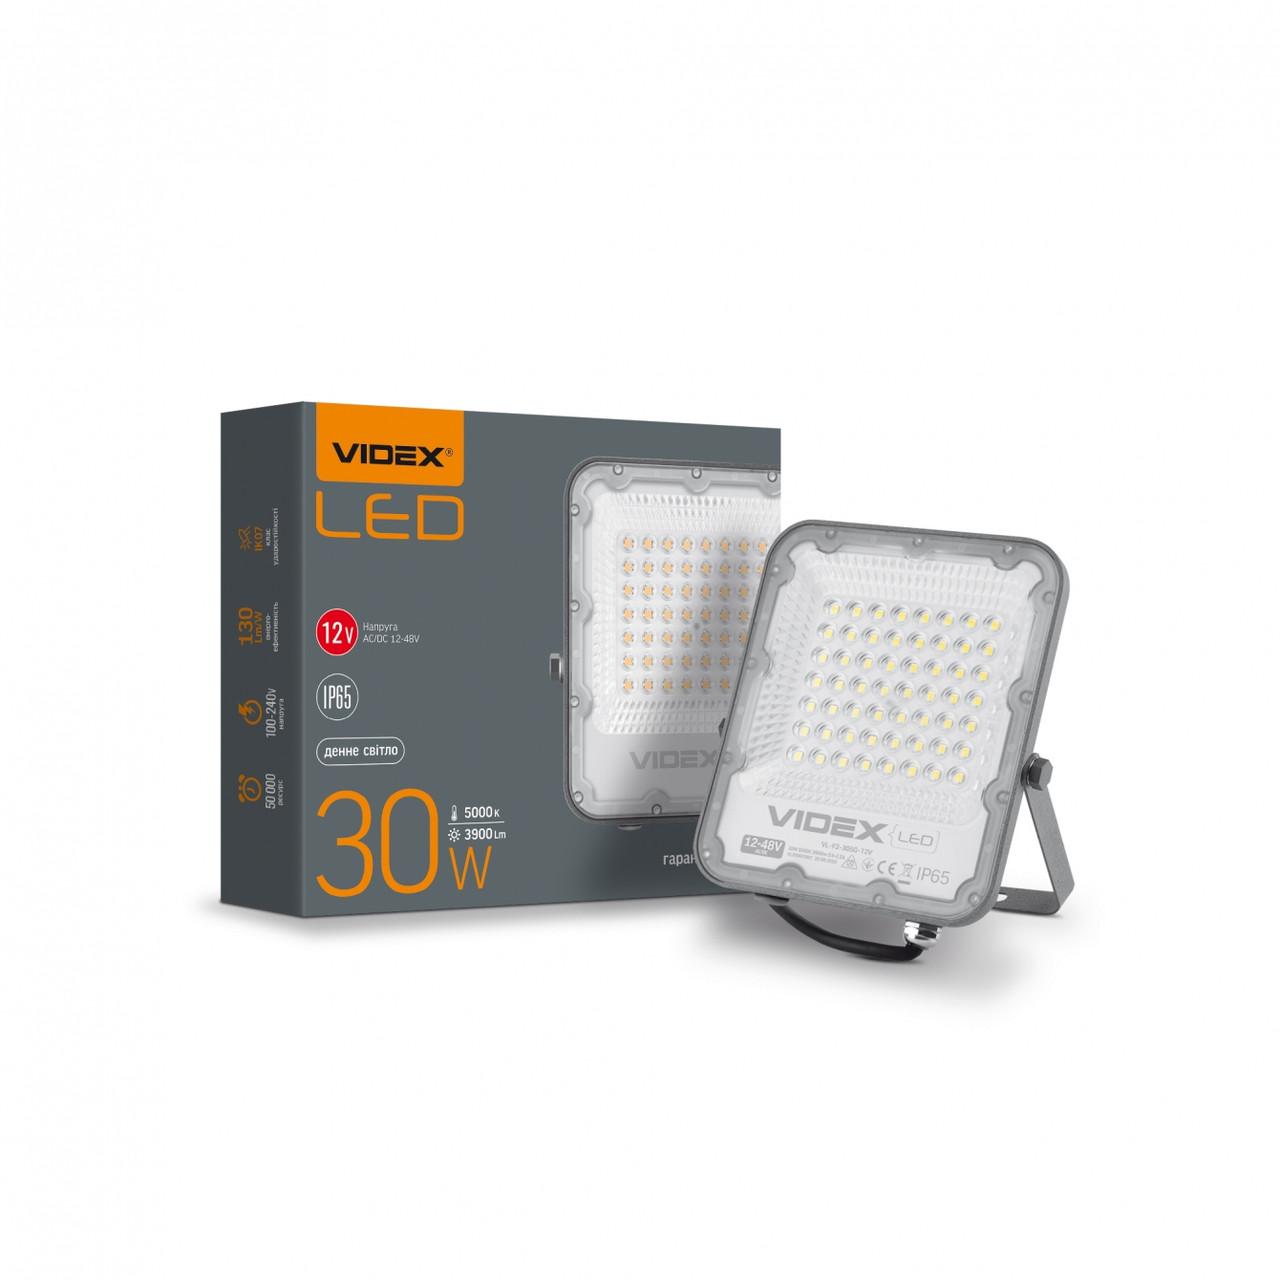 Прожектор LED на 12-48 вольт 30W біле світло 3900Lm VIDEX PREMIUM